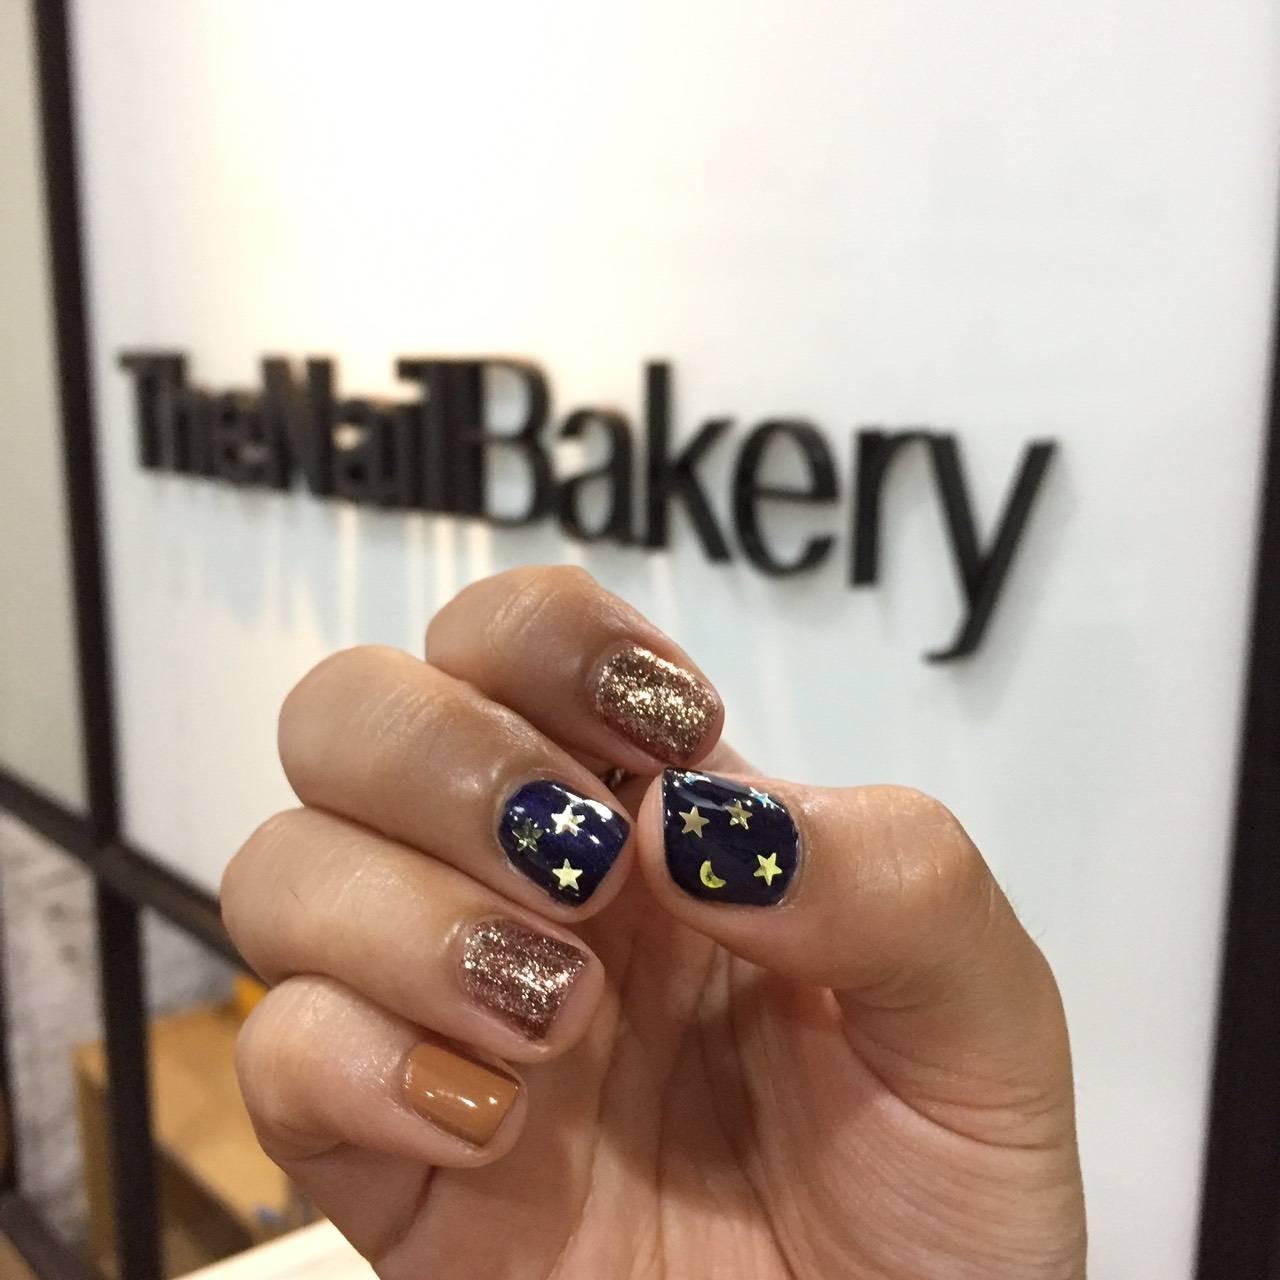 The Nail Bakery (พญาไท)